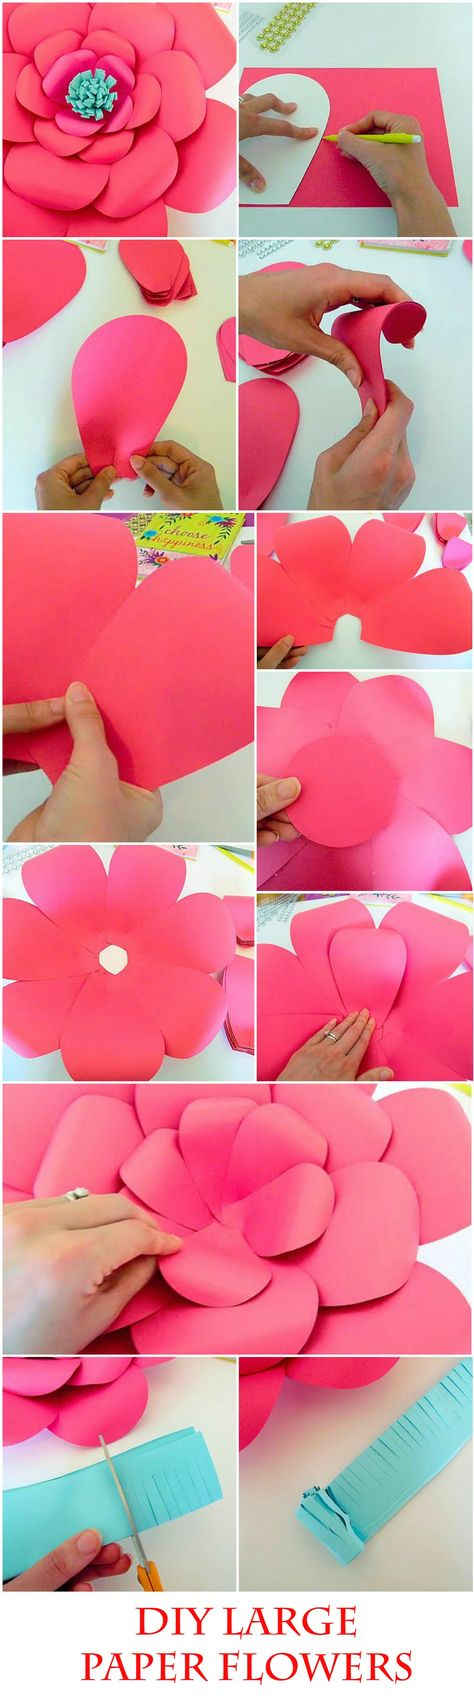 Как делать бумажные цветы своими руками